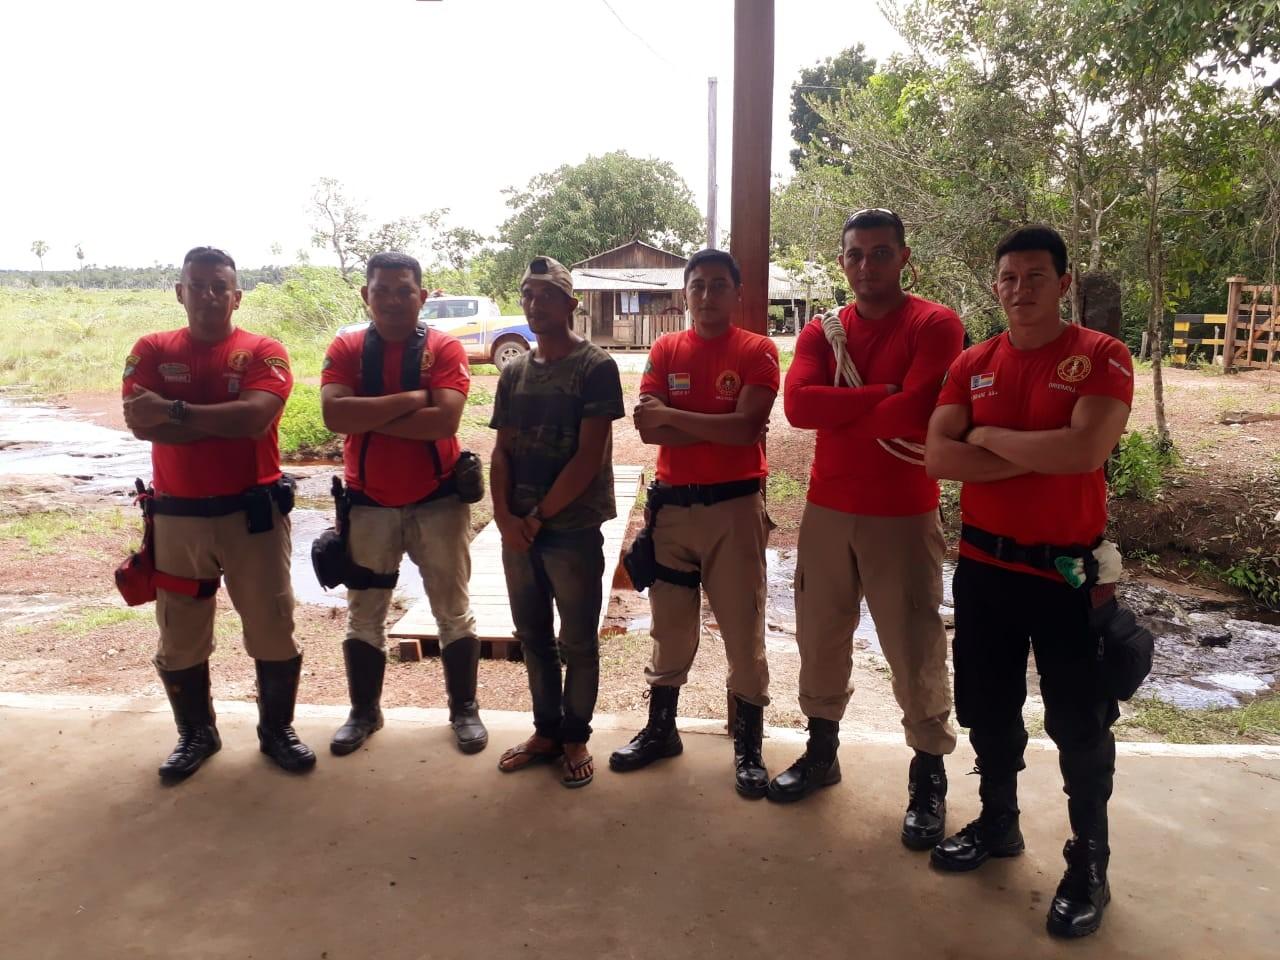 Bombeiros Civis resgatam jovem perdido por mais de 24h em reserva florestal, em Oriximiná